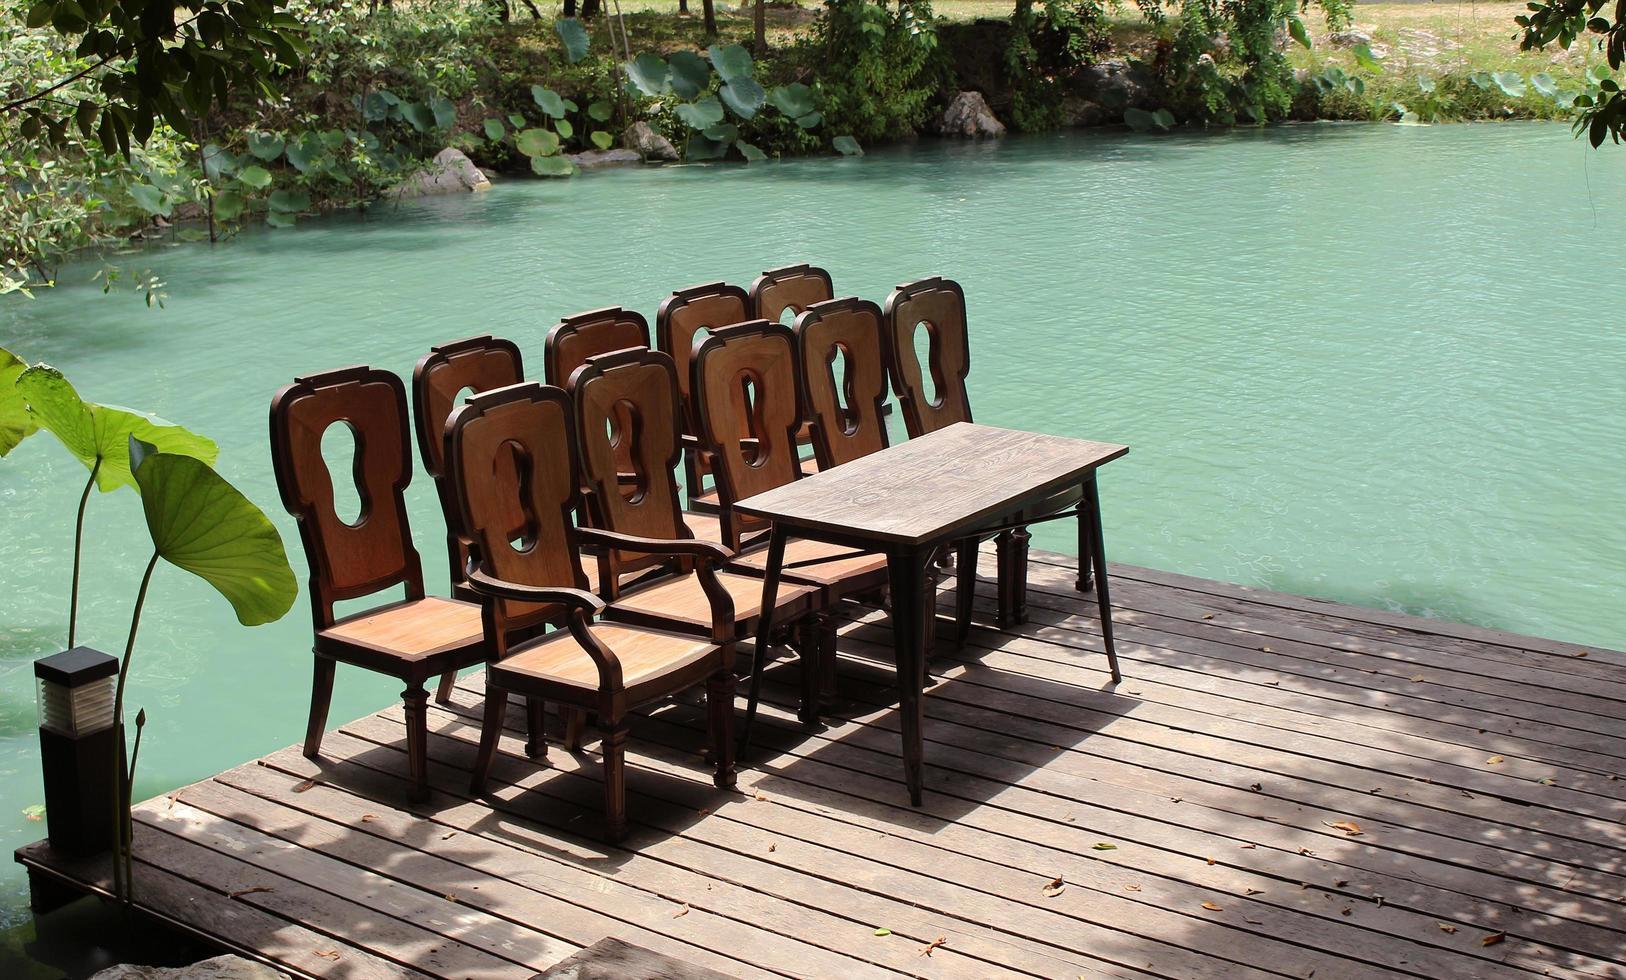 conjunto de sillas y mesa en un muelle foto